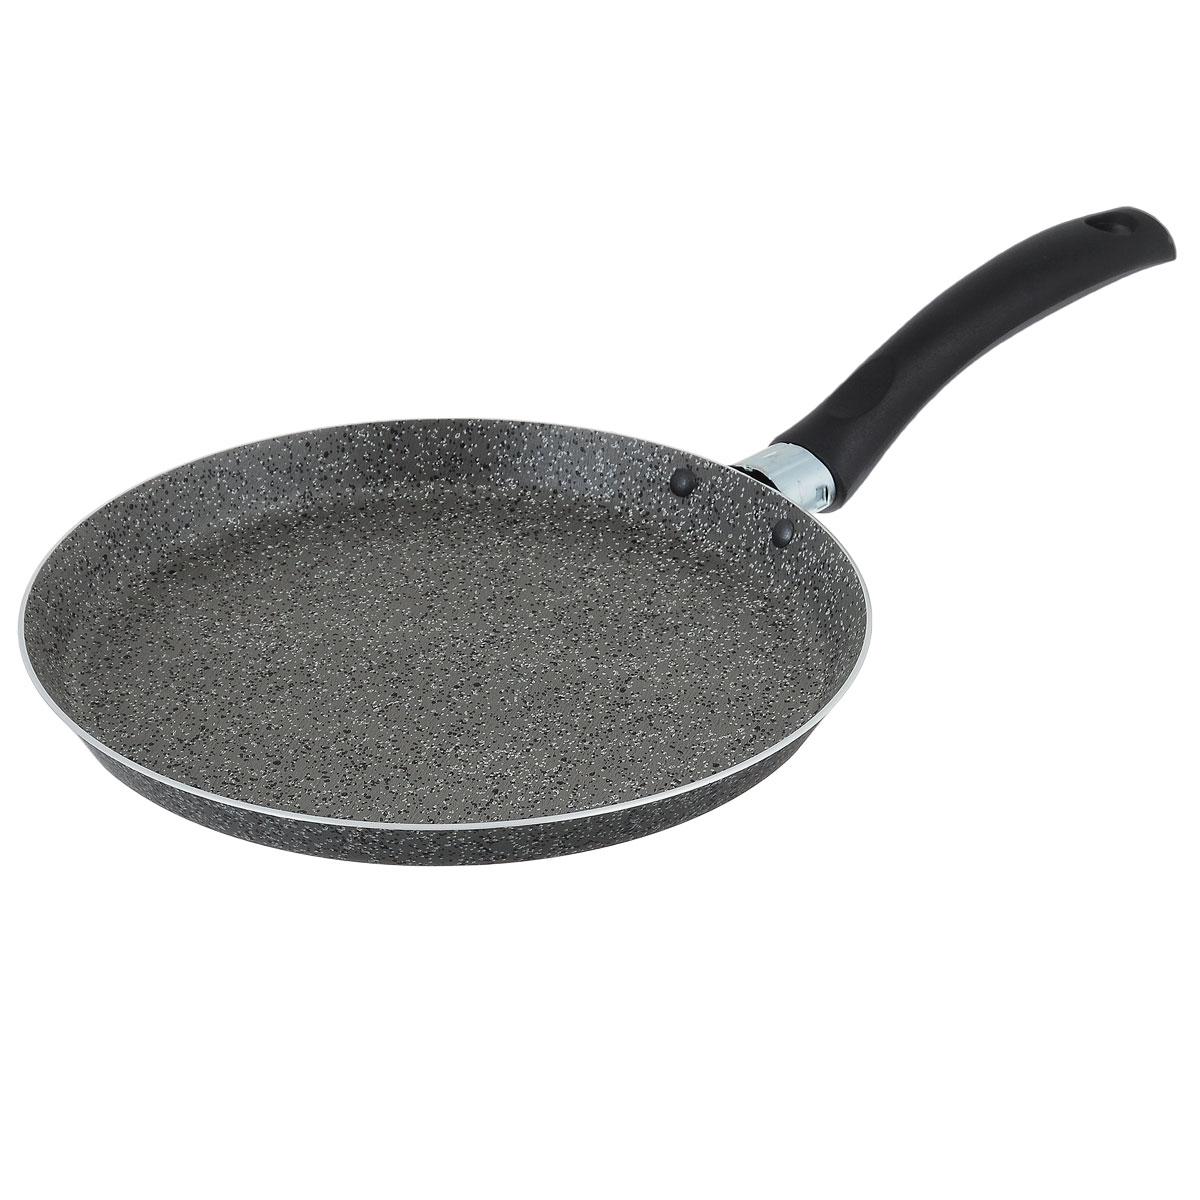 Сковорода для блинов Jarko Onyx, с антипригарным покрытием, цвет: серый. Диаметр 22 смJO-522-20Сковорода для блинов Jarko Onyx выполнена из алюминия с каменным антипригарным покрытием. Покрытие обладает превосходными антипригарными свойствами, не содержит PFOA, свинца и кадмия.Эргономичная ручка сковороды выполнена из бакелита. Сковорода подходит для всех типов плит, кроме индукционных. Можно мыть в посудомоечной машине. Диаметр дна сковороды: 22 см. Высота стенок сковороды: 2 см. Толщина стенок: 2,7 мм. Толщина дна: 2,7 мм. Длина ручки сковороды: 14 см.Простой рецепт блинов на Масленицу – статья на OZON Гид.